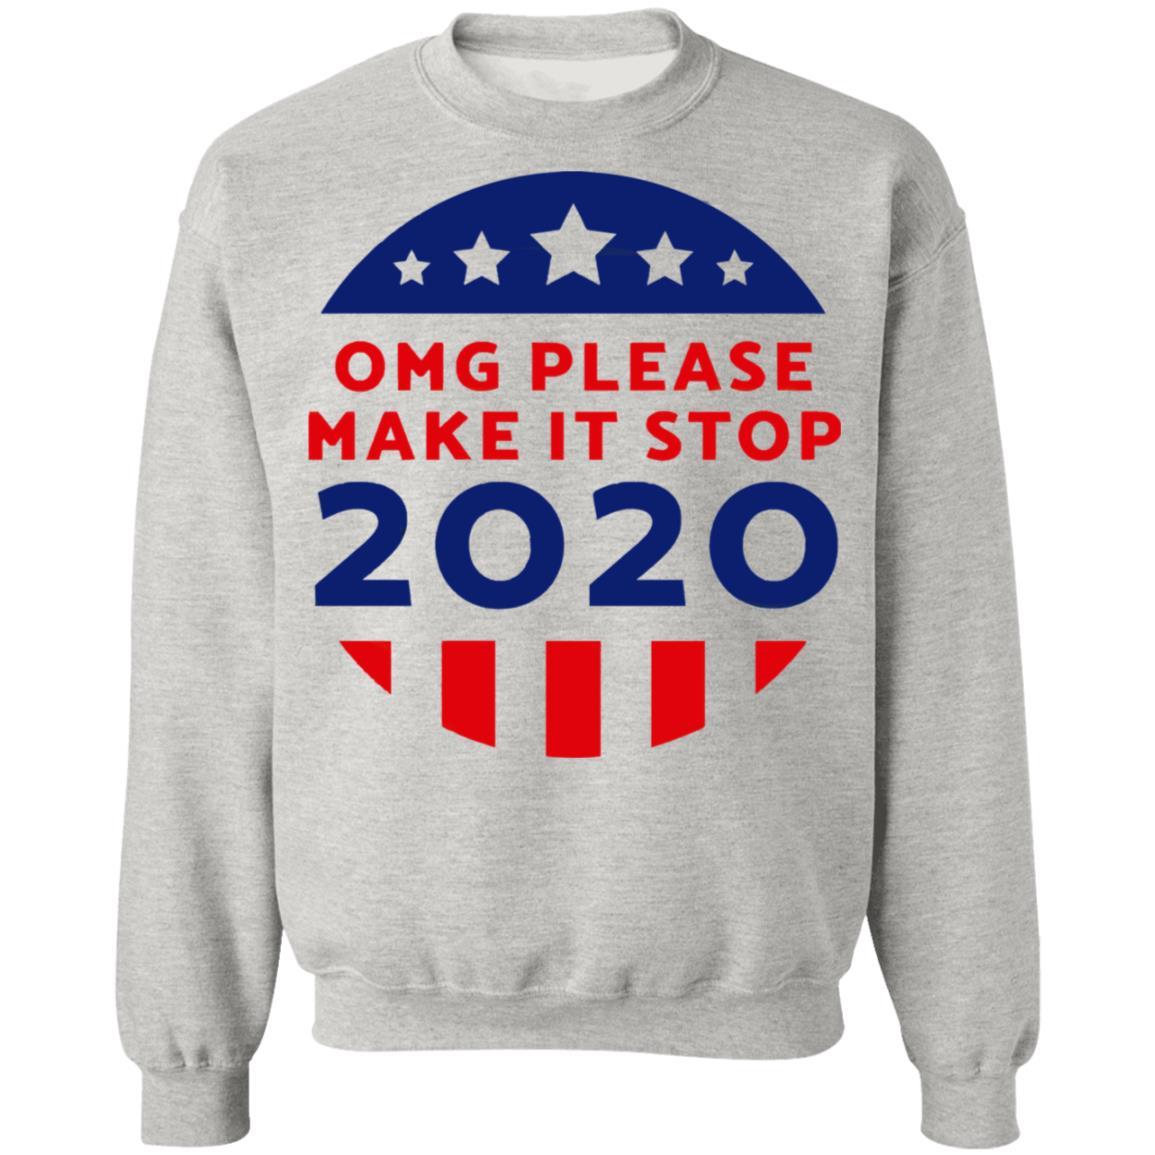 OMG Please MAke It Stop 2020 T-Shirt Long Sleeve Sweatshirt Hoodie